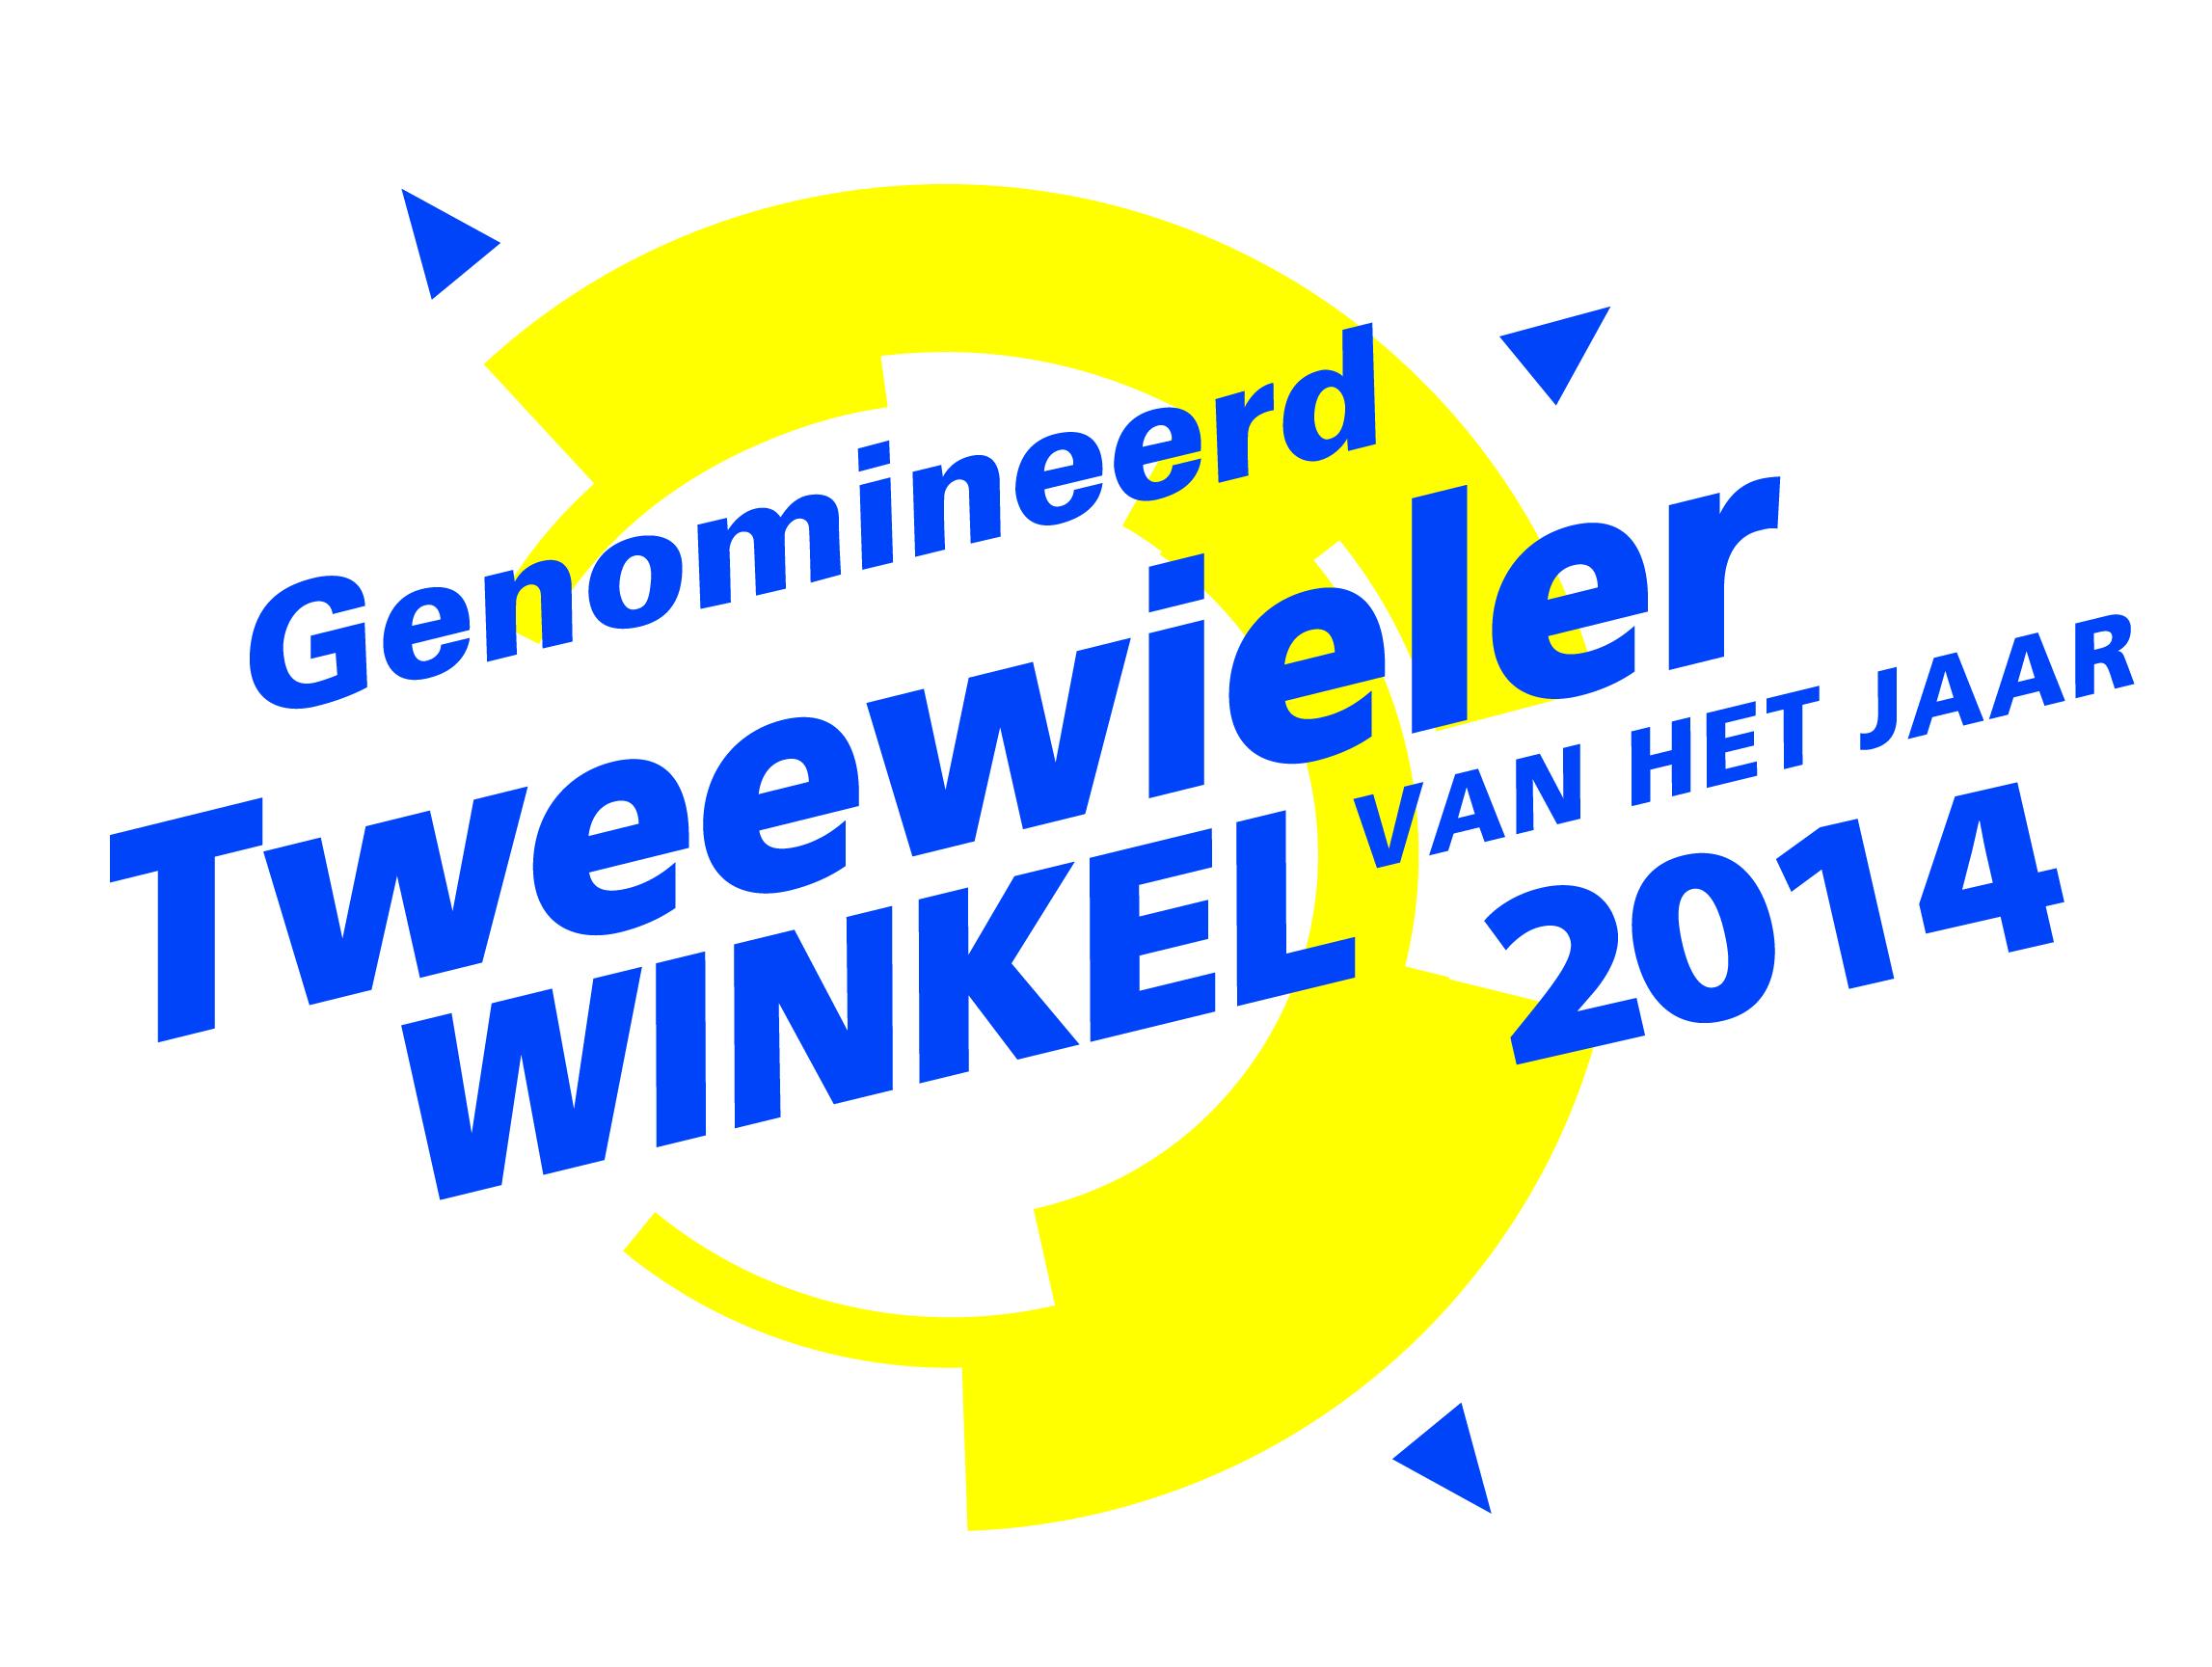 Tweew jaar 2014-Genomineerd